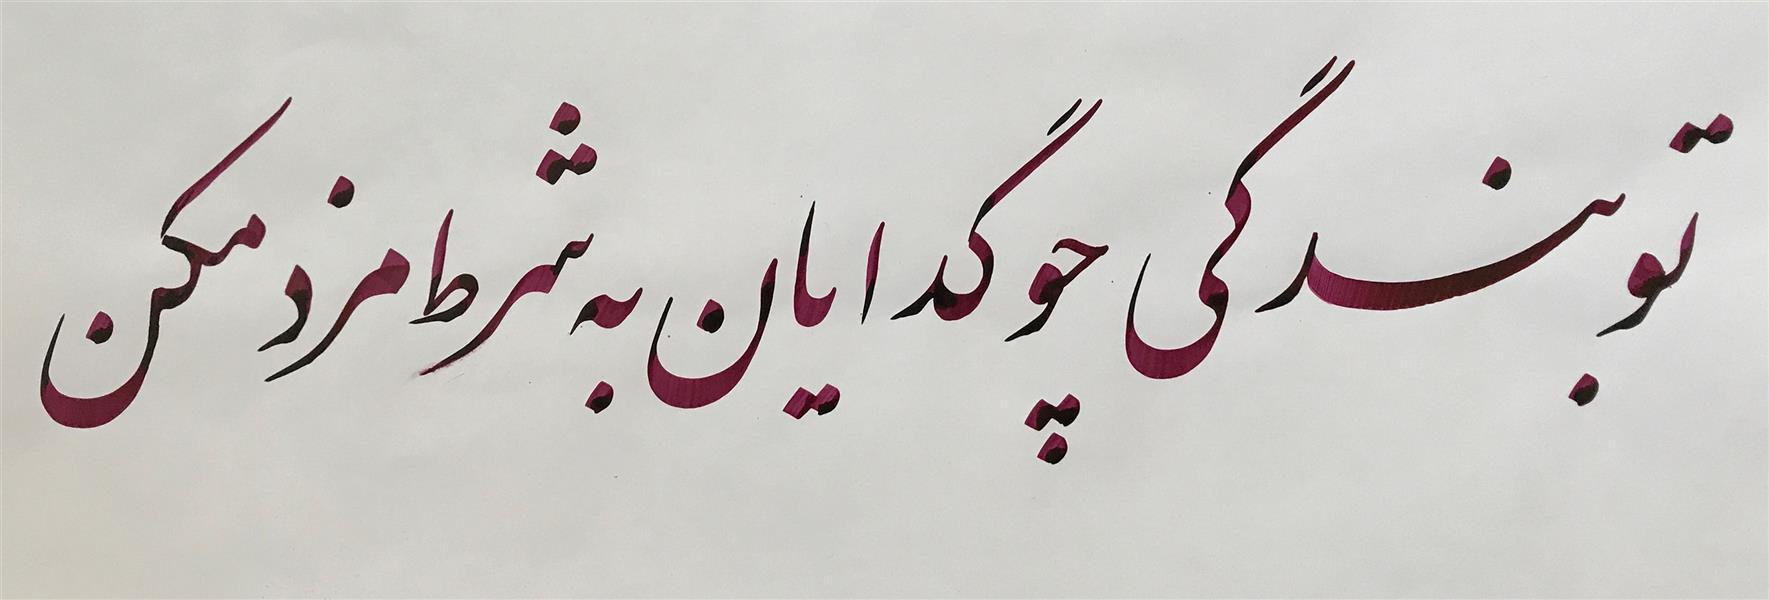 هنر خوشنویسی محفل خوشنویسی پیام محمدی 1399، هنرجو محمدی